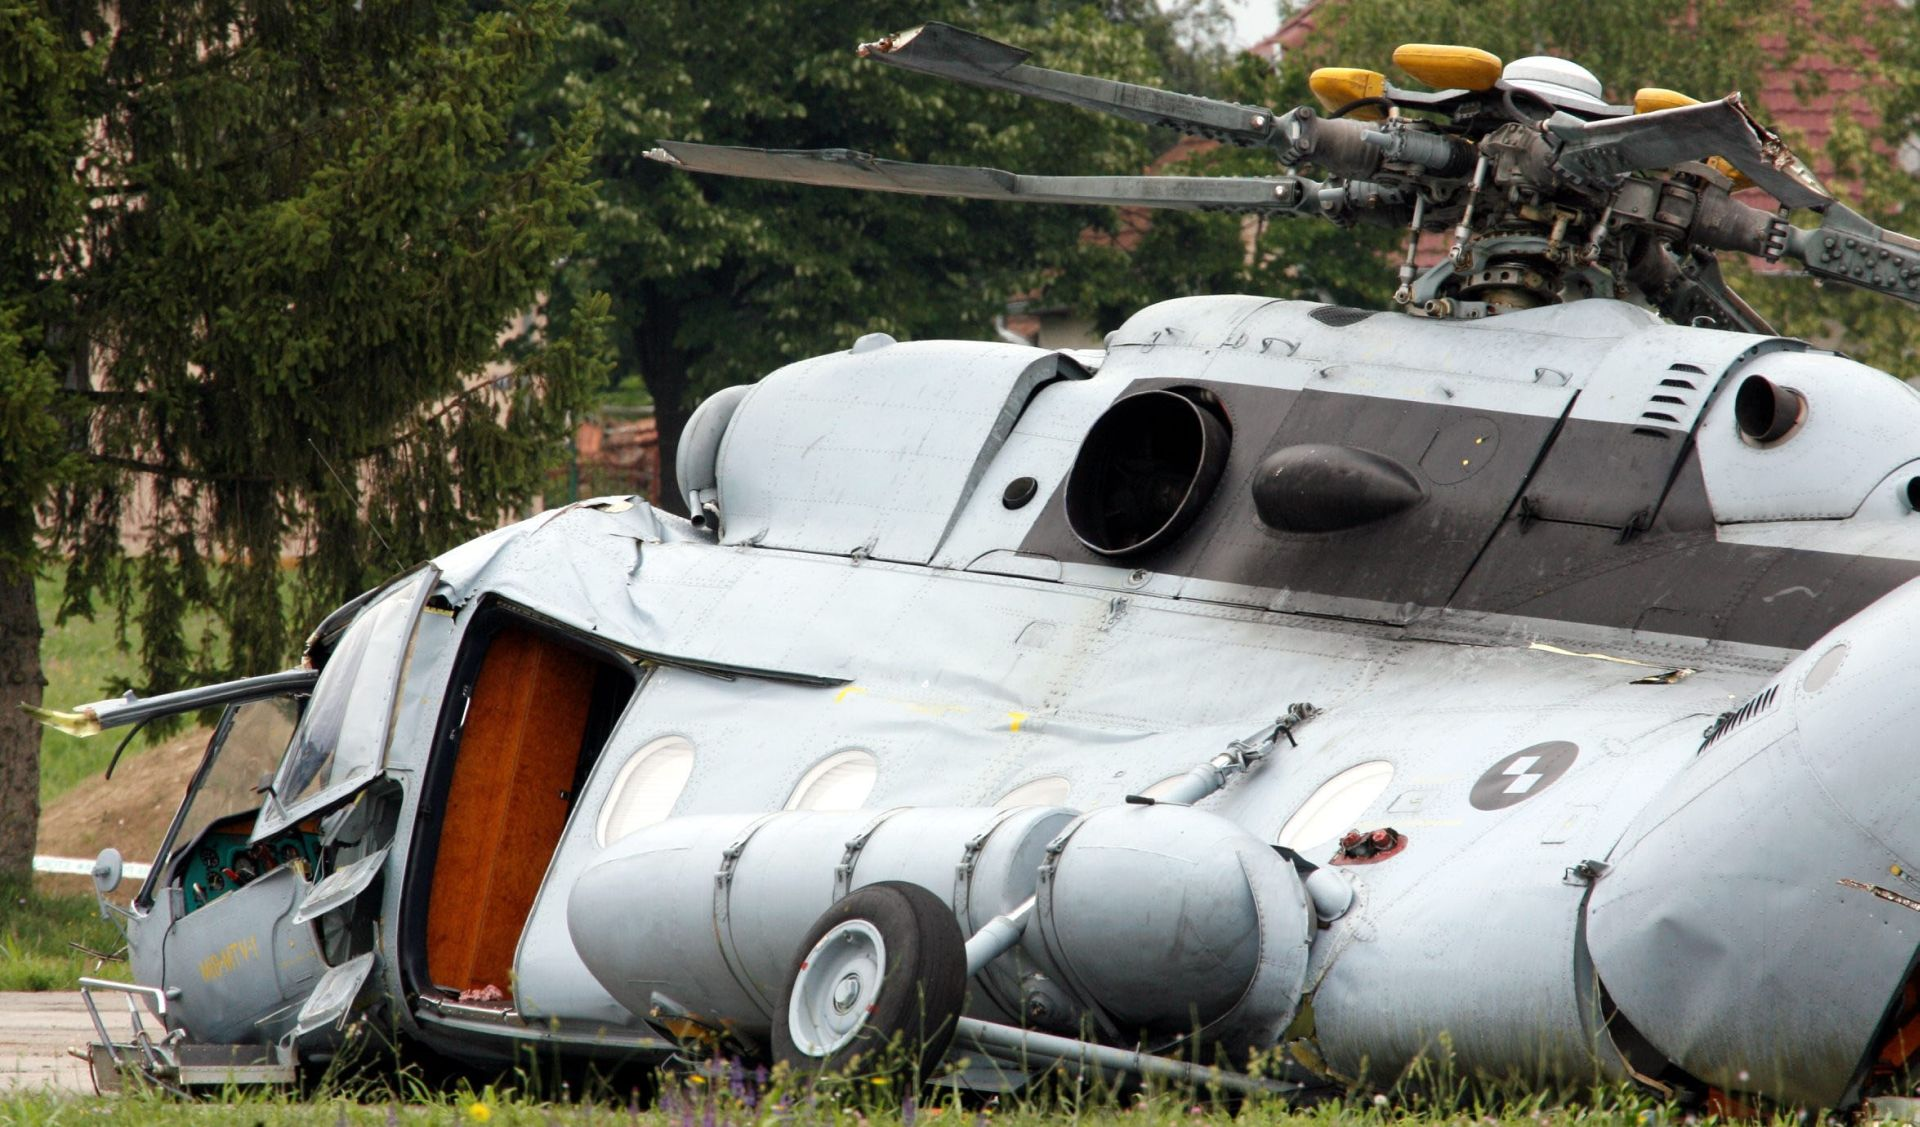 """Odvjetnik: Progonom pilota štite se """"krupnije ribe"""" odgovorne za pad vojnog helikoptera 2007. u Vukovaru"""